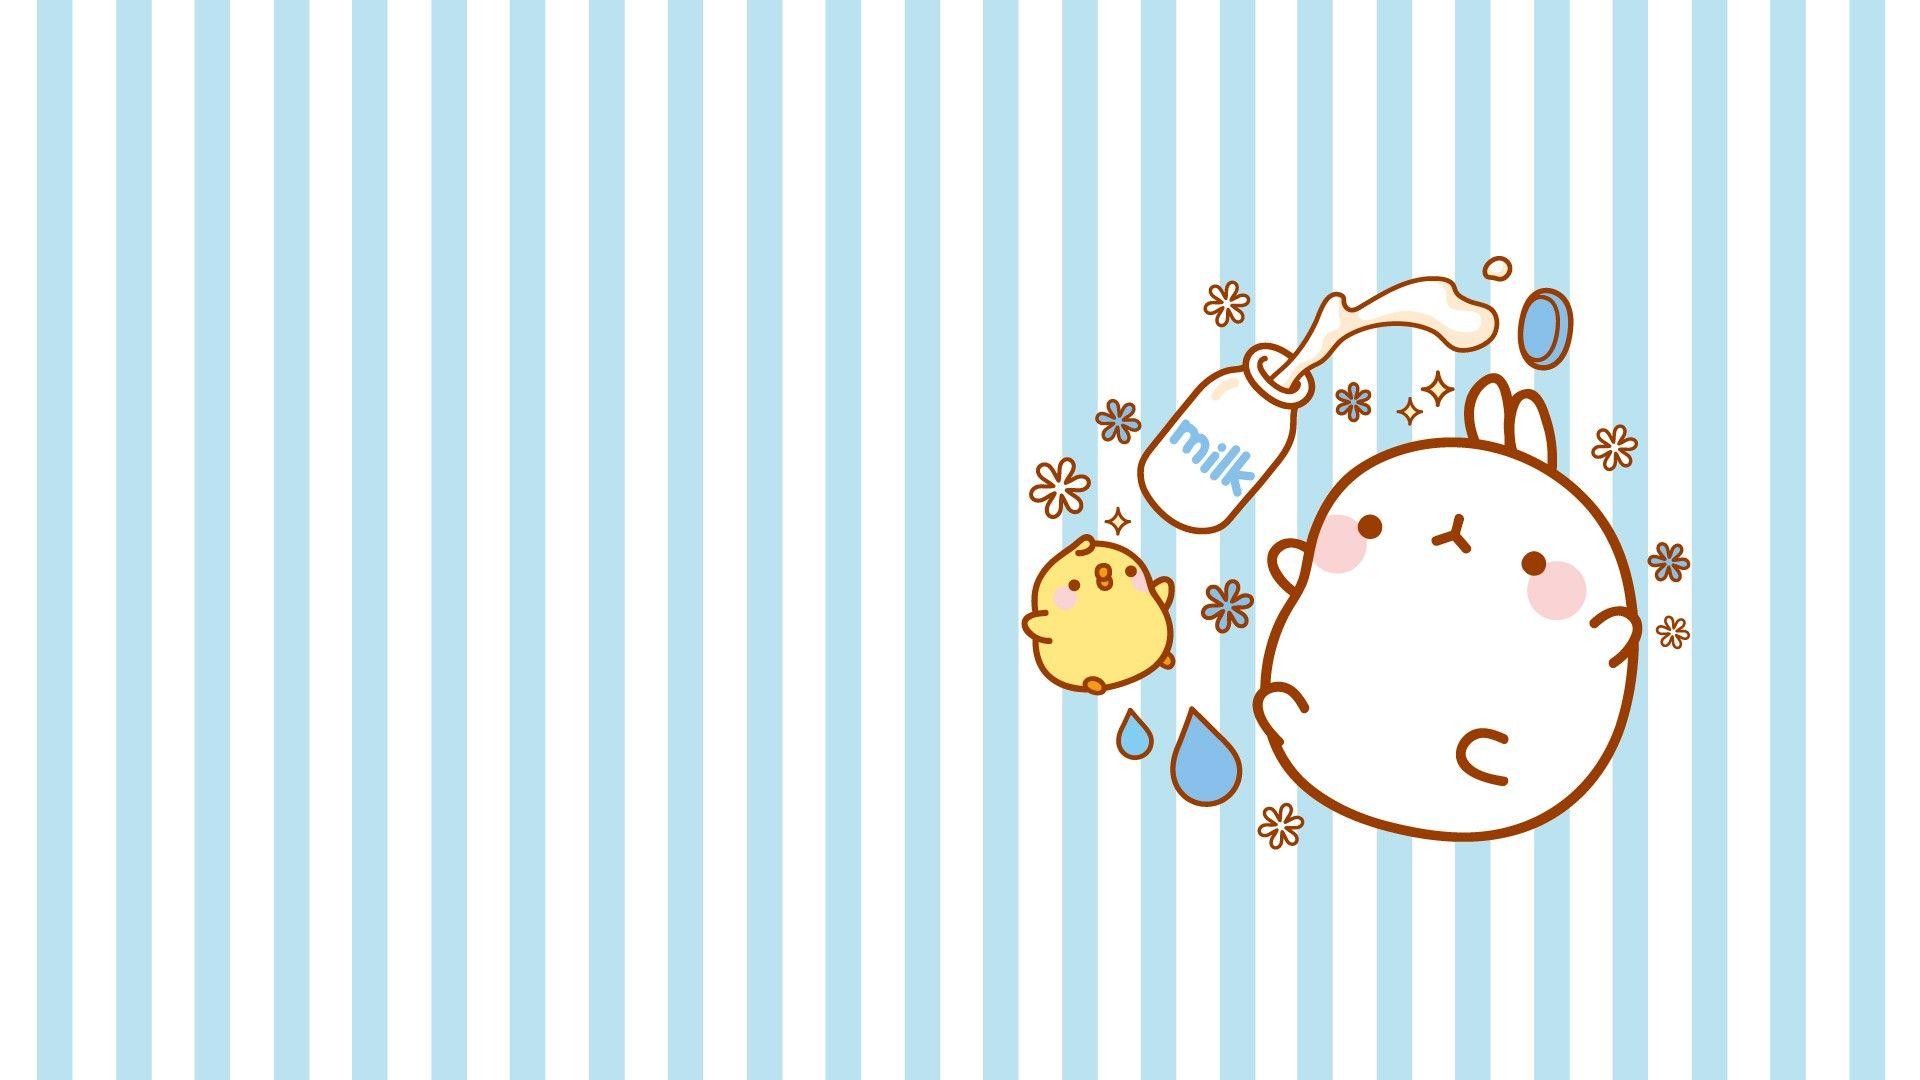 Aesthetic Kawaii Laptop Wallpapers   Top Aesthetic Kawaii 1920x1080